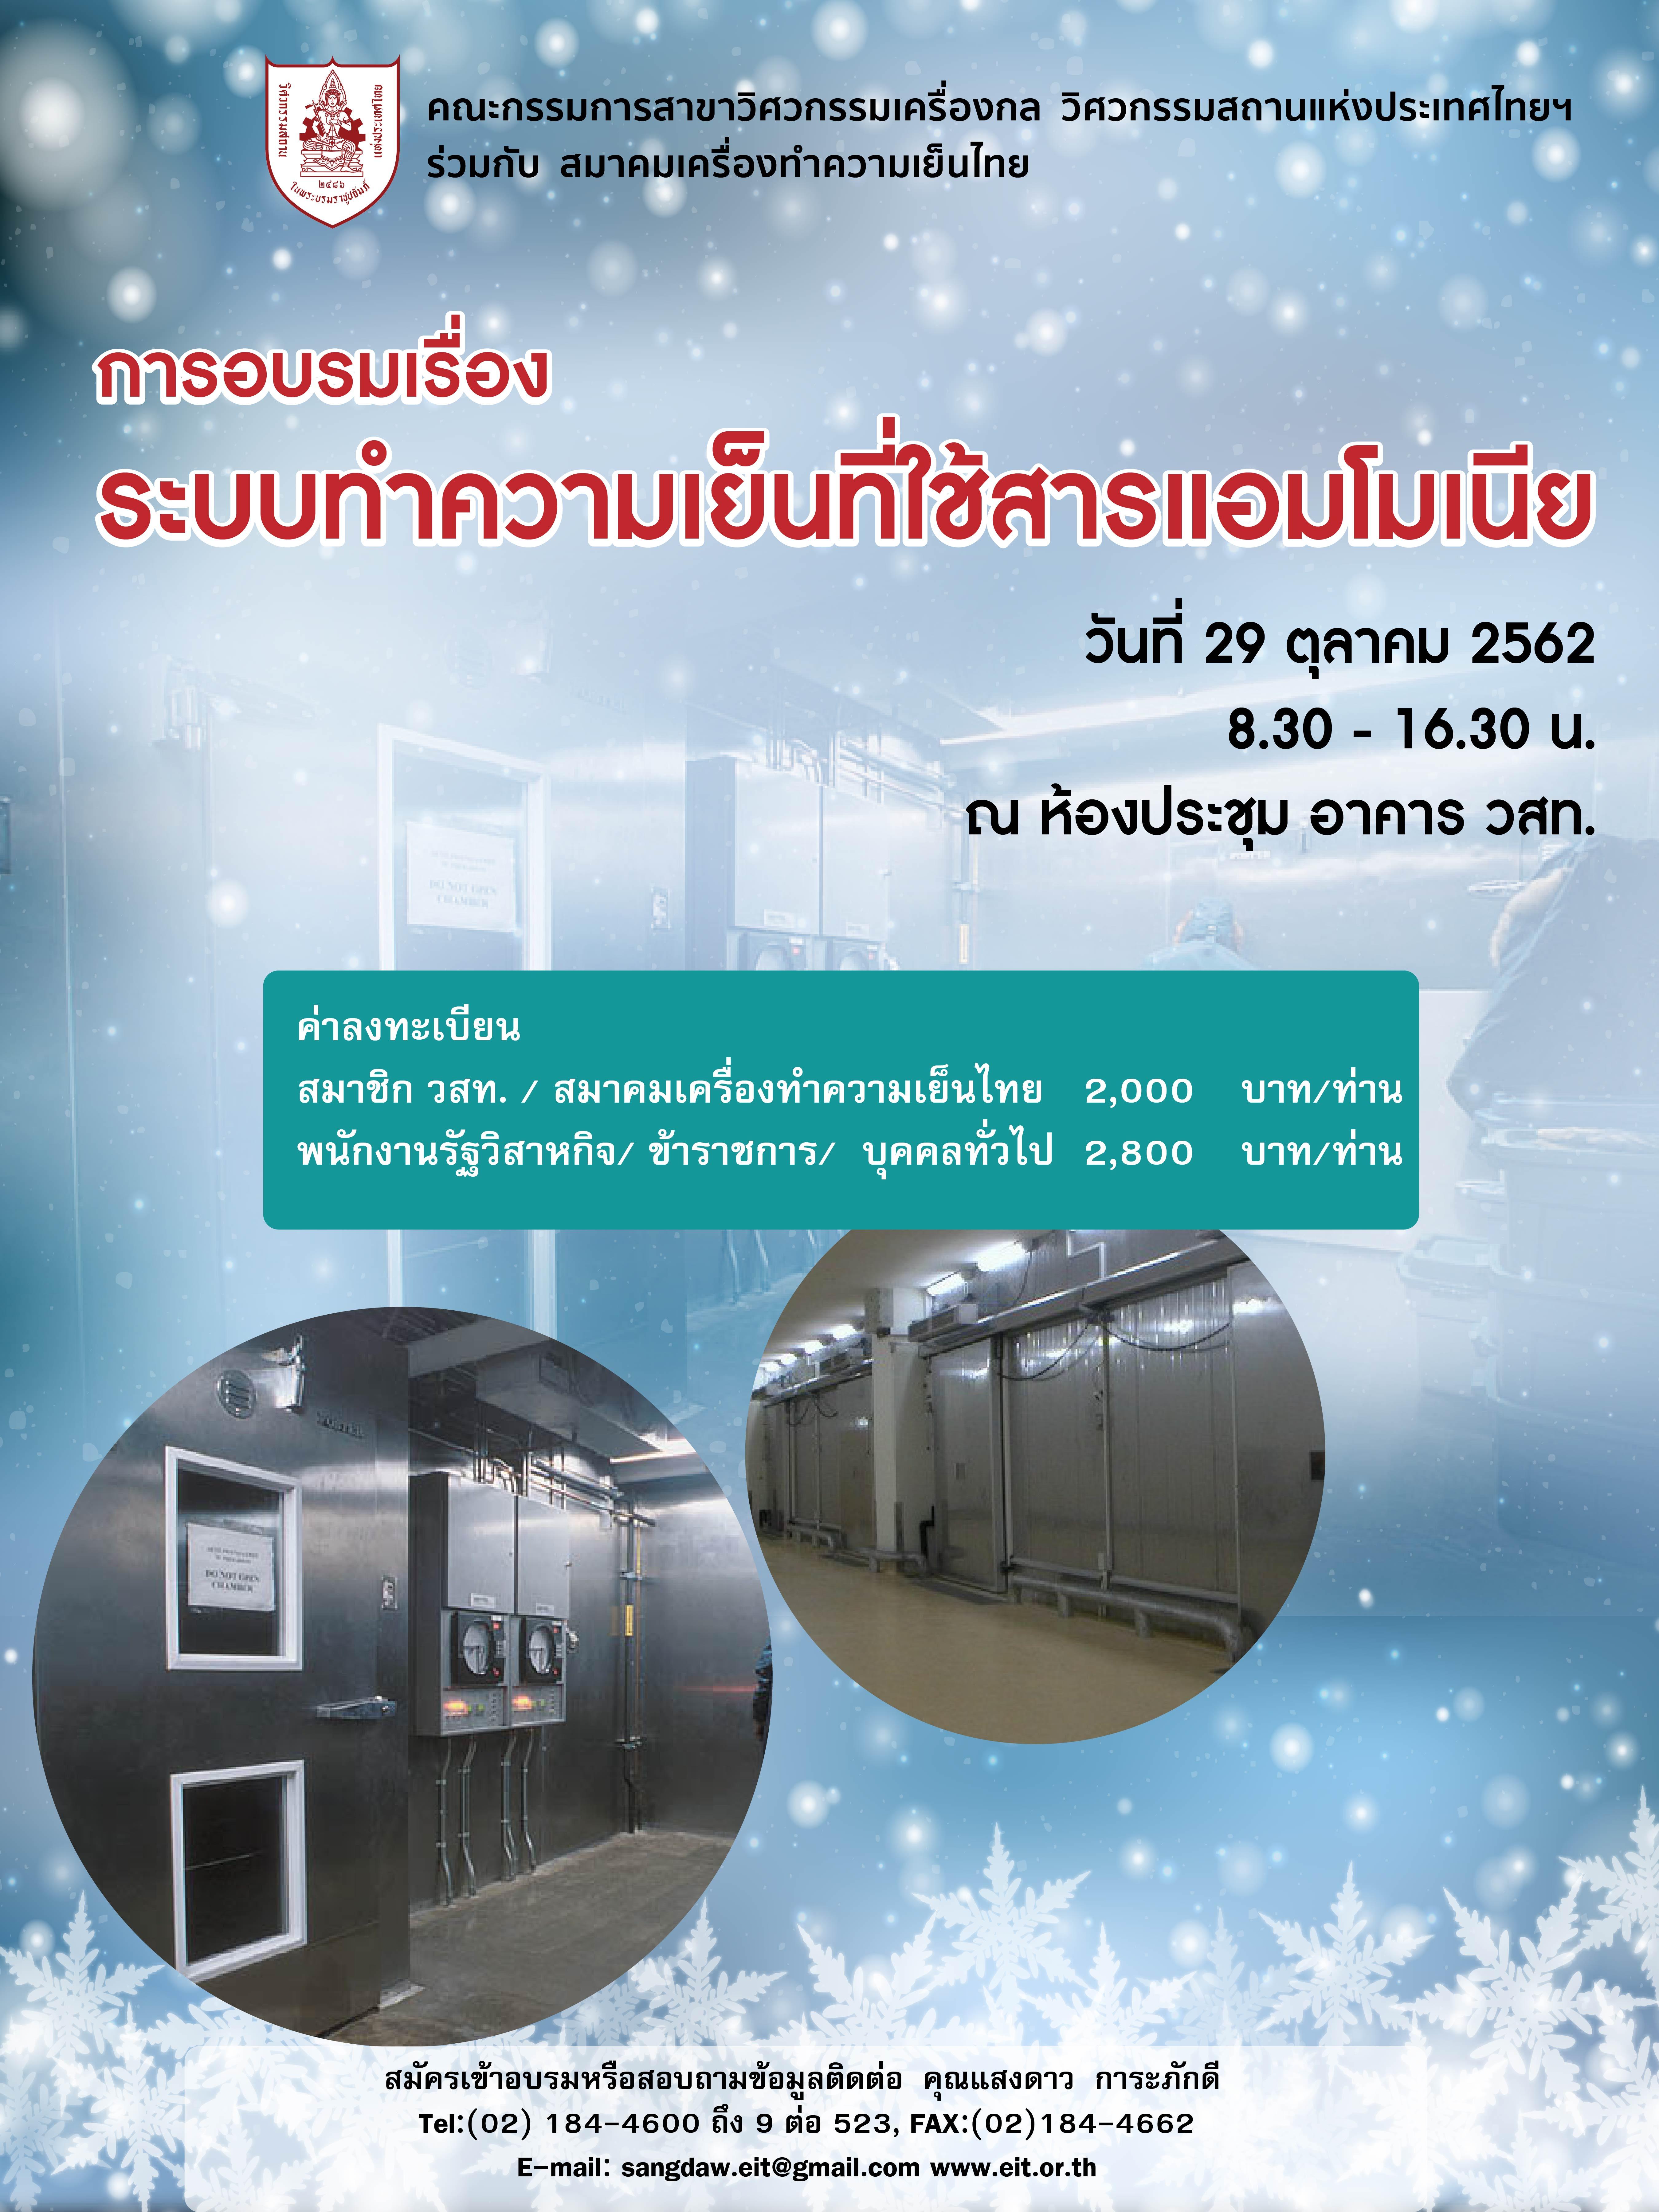 ระบบทำความเย็นที่ใช้สารแอมโมเนีย